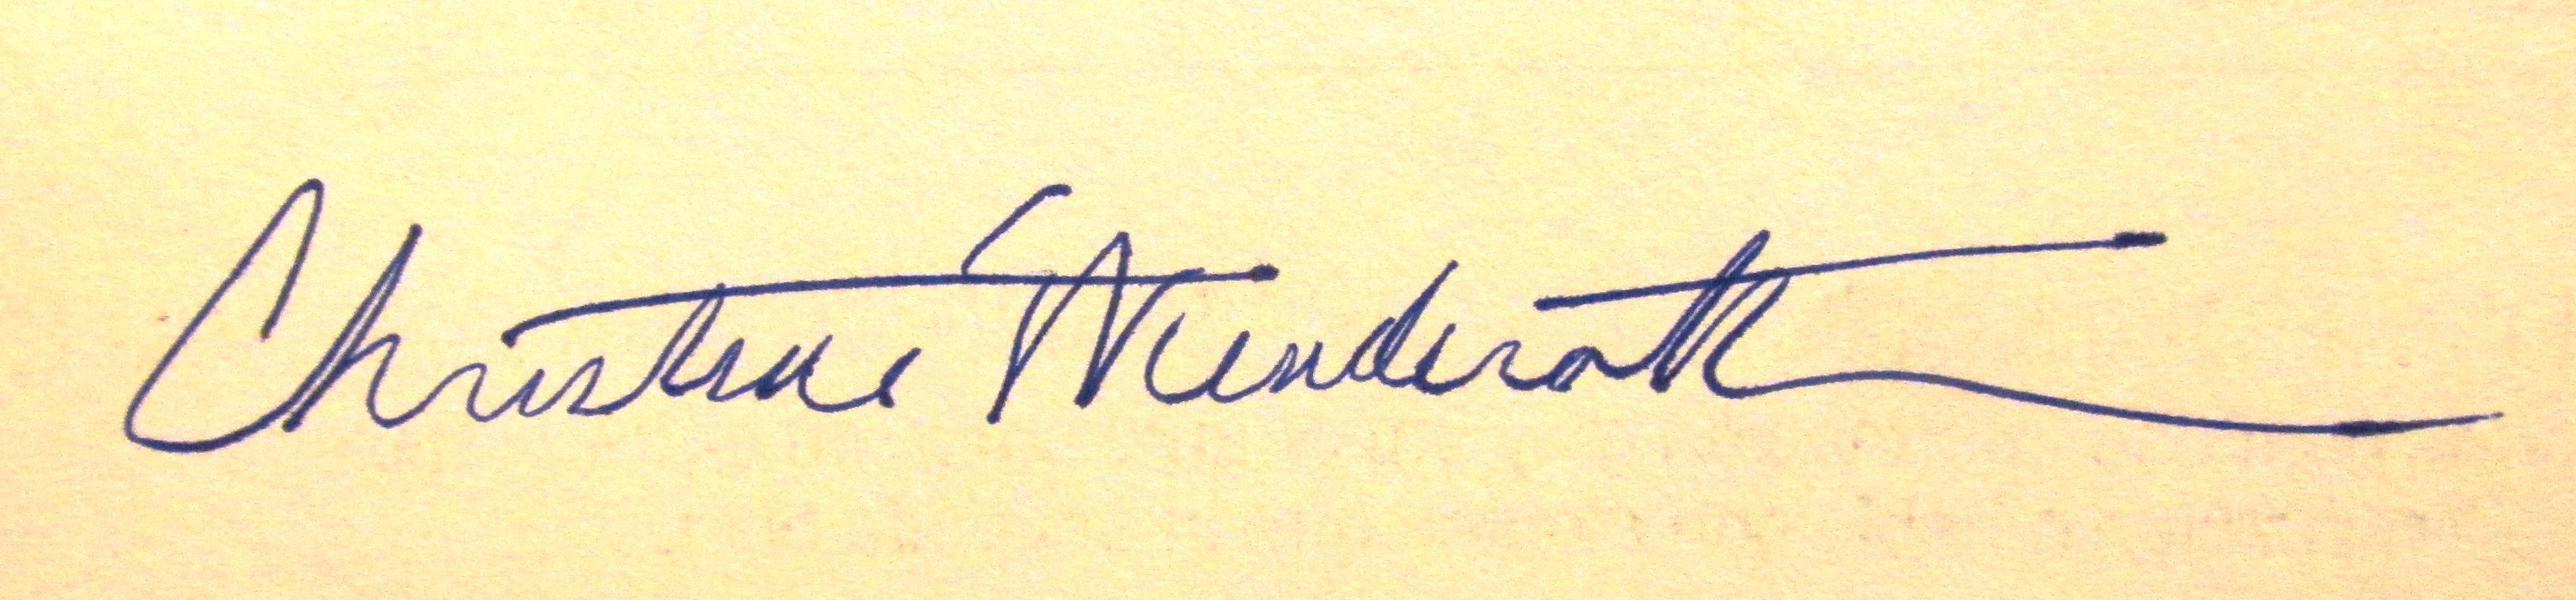 Christine Wenderoth's Signature